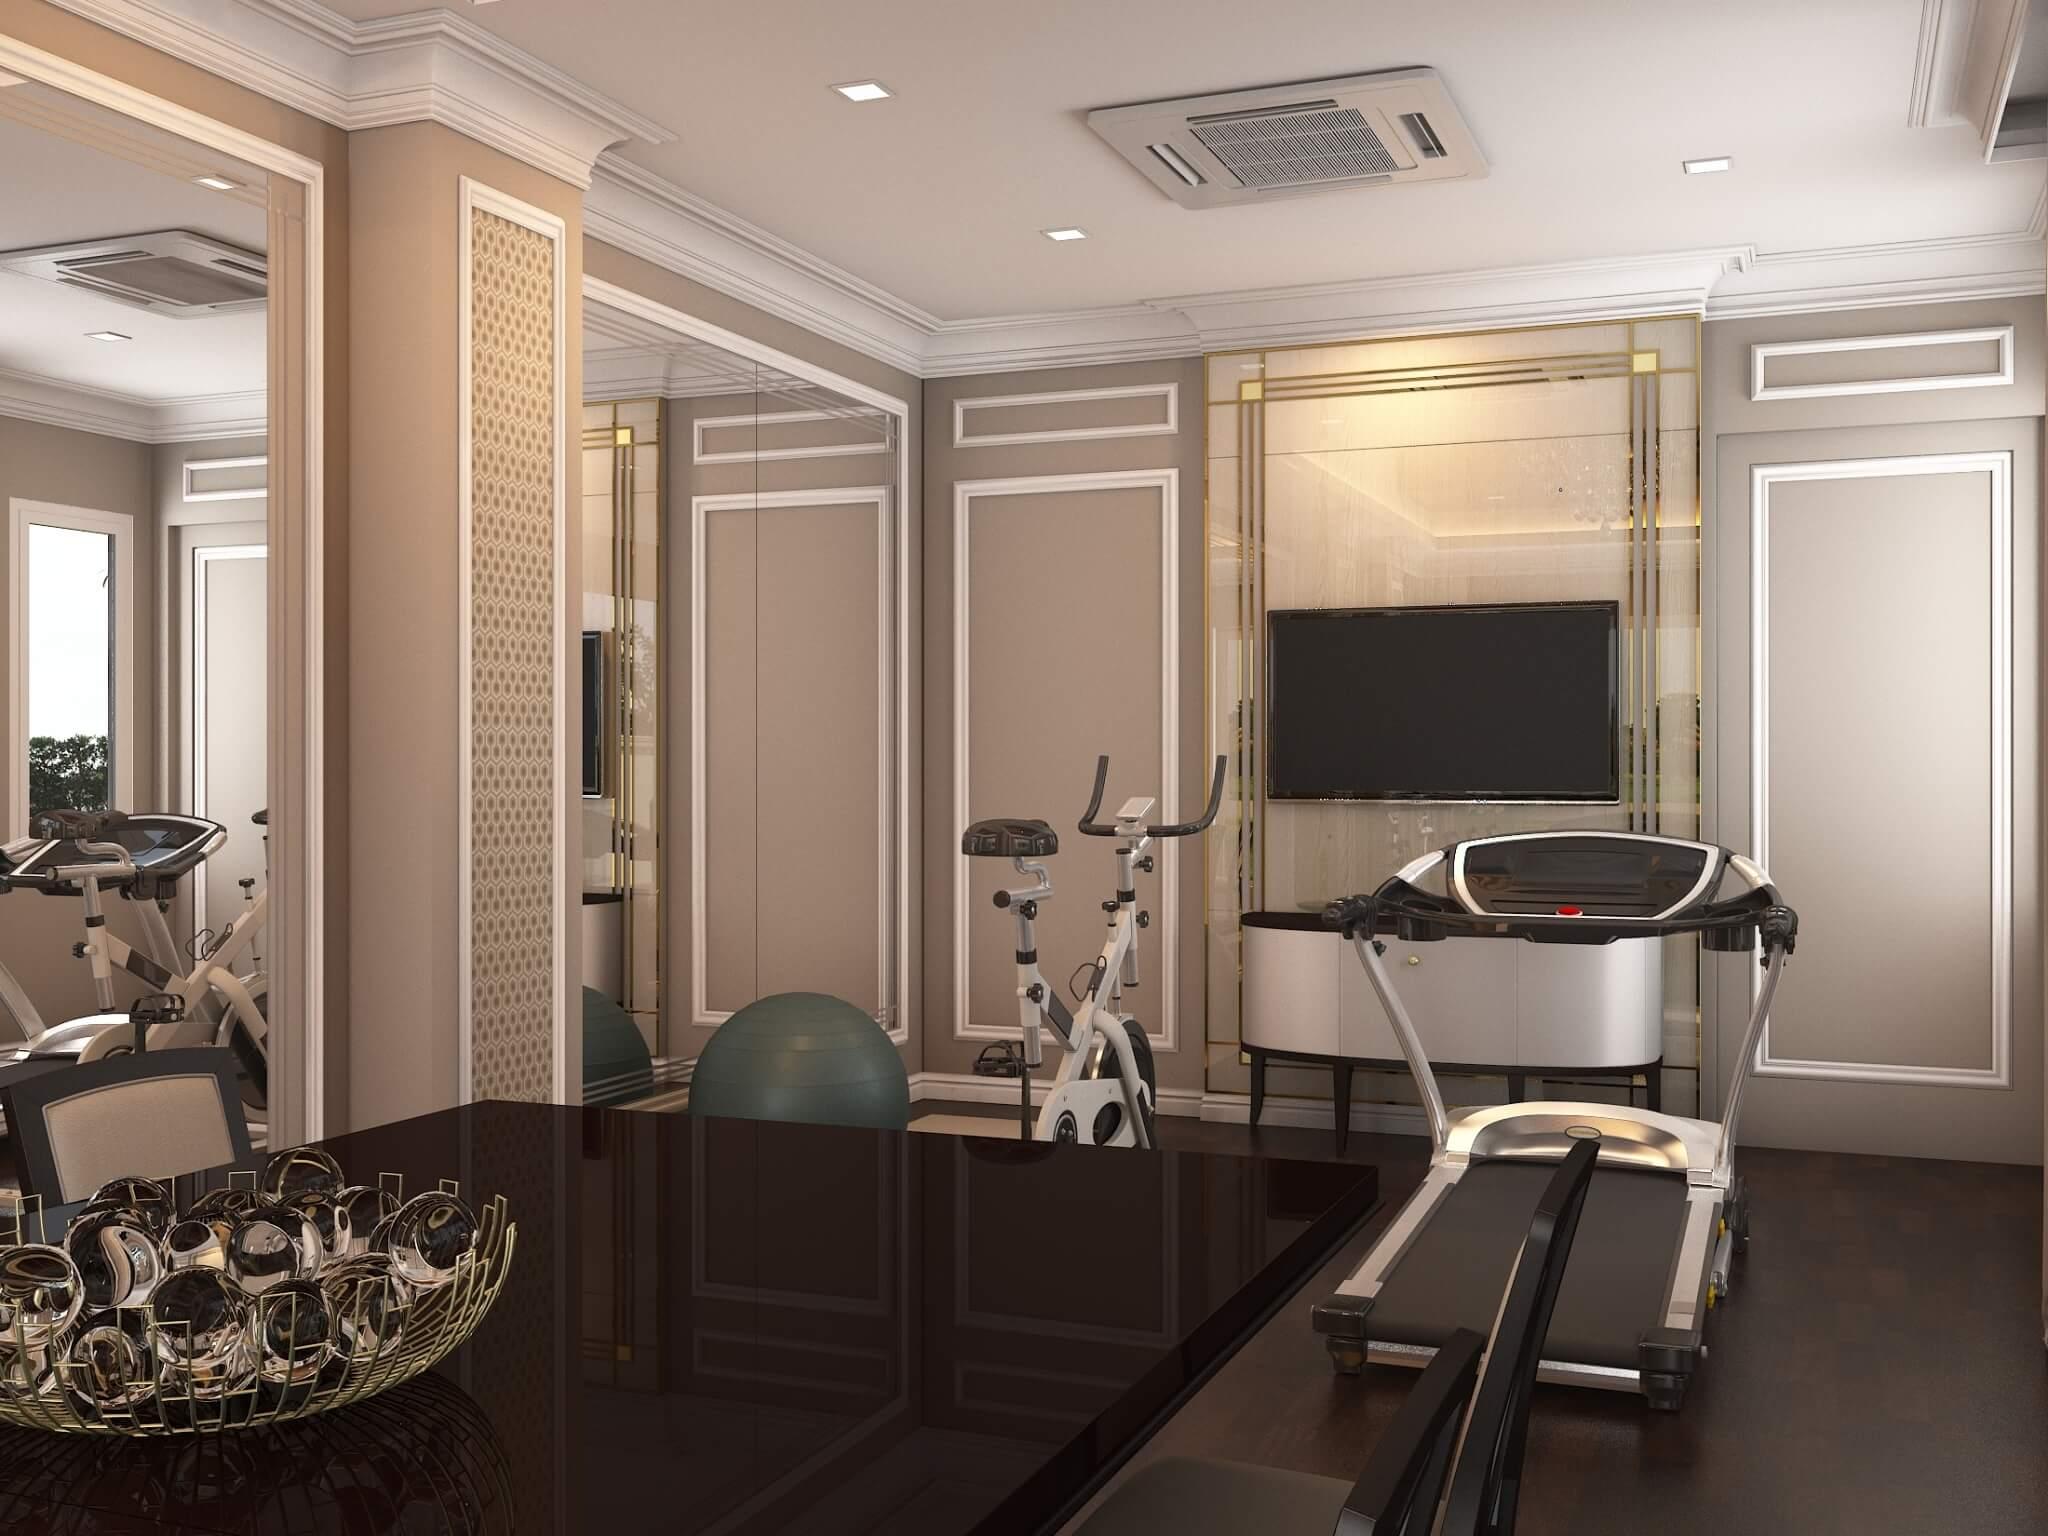 ออกแบบตกแต่งภายใน ตกแต่งภายใน ออกแบบภายใน บริษัทออกแบบภายใน interior Bareo รับออกแบบตกแต่งภายใน รับออกแบบตกแต่ง เฟอร์นิเจอร์ Build in ห้องออกกำลังกาย ห้องประชุม ห้องทางอาหาร แผงทีวี